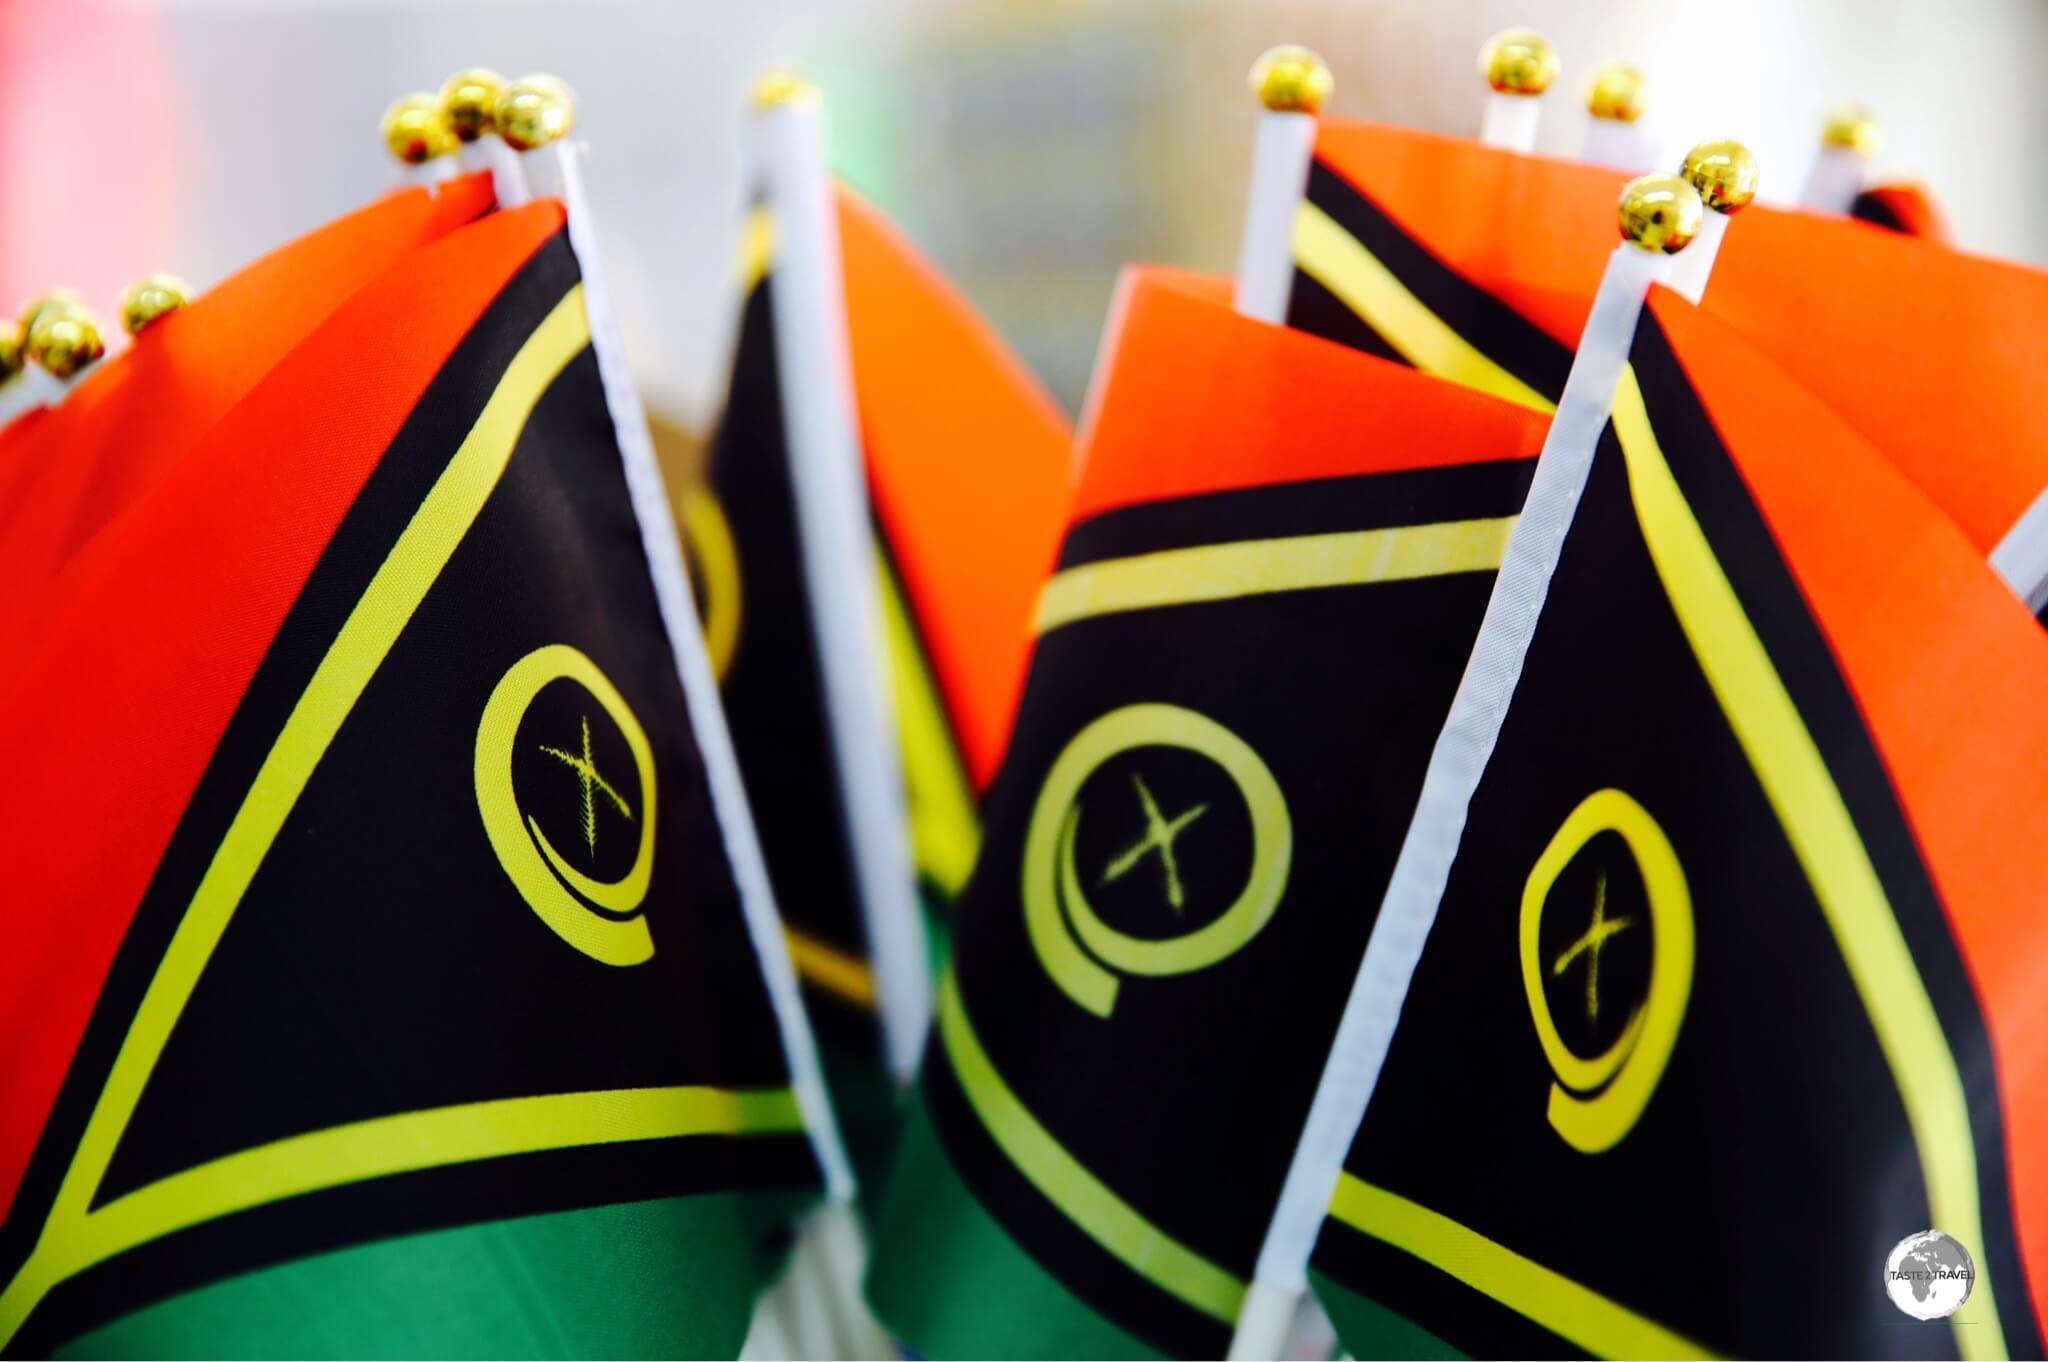 The flag of Vanuatu.